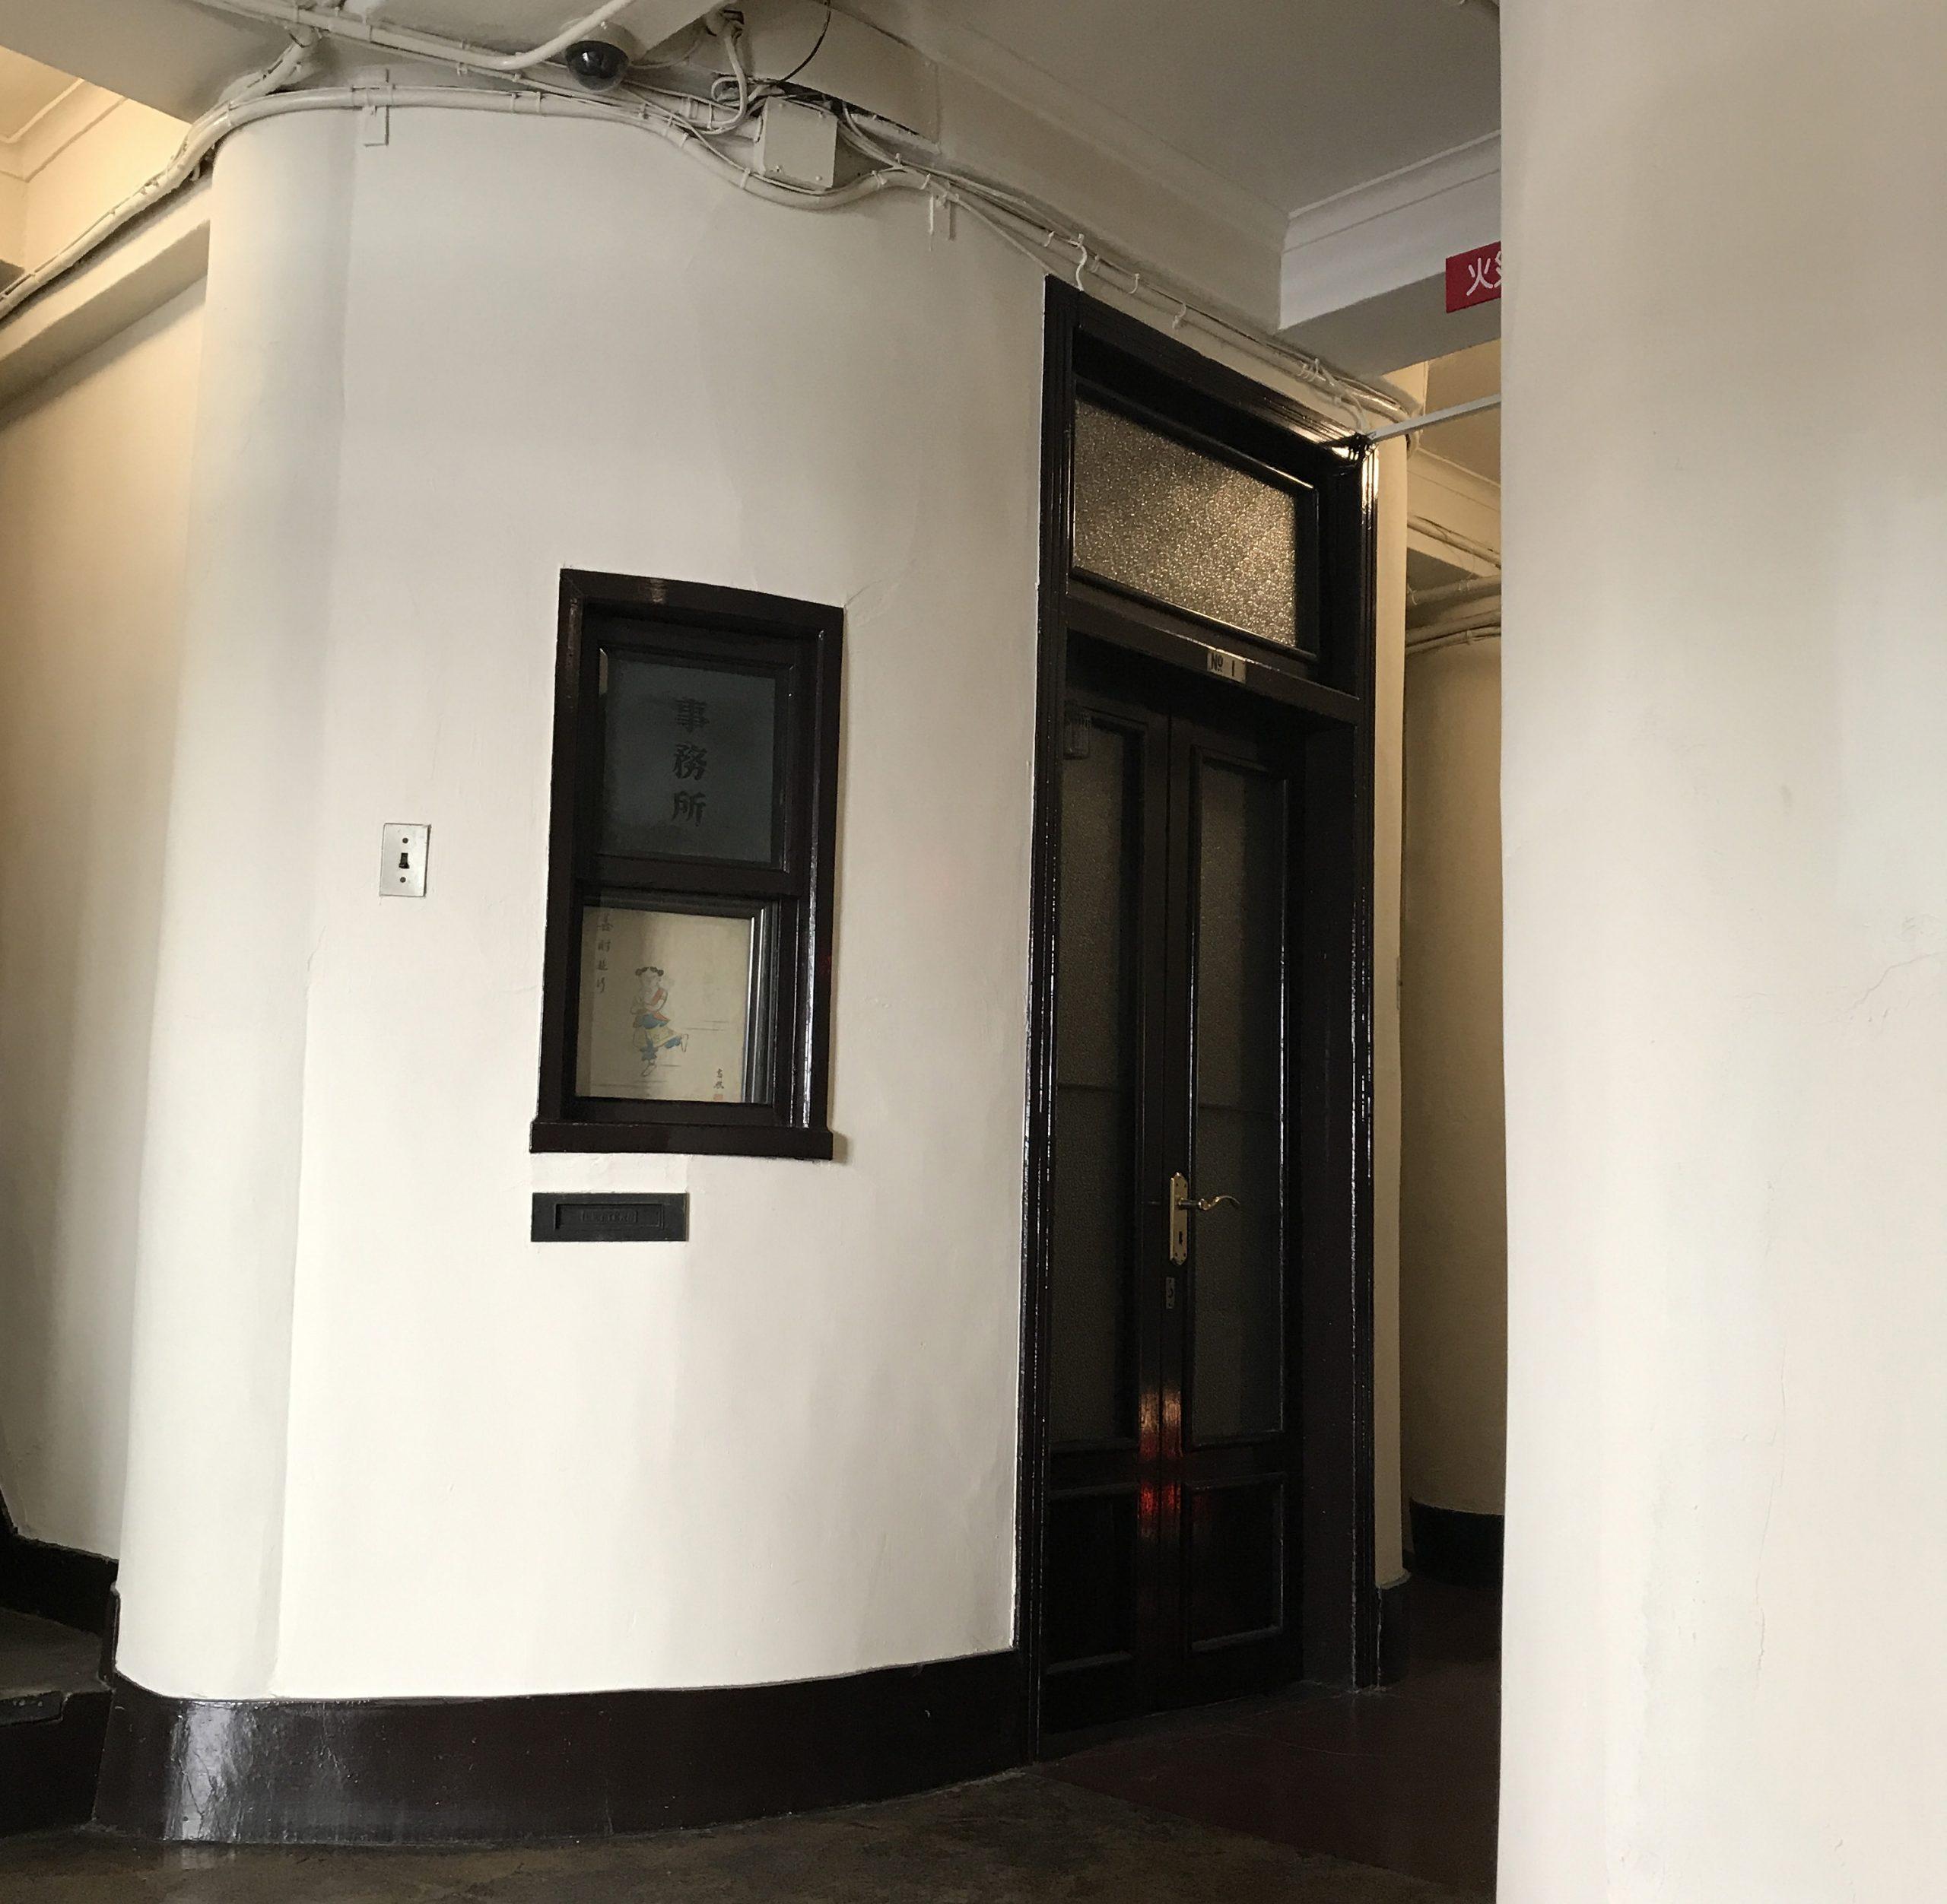 <p>電話交換室</p>エントランスホールに残るかつての電話交換室